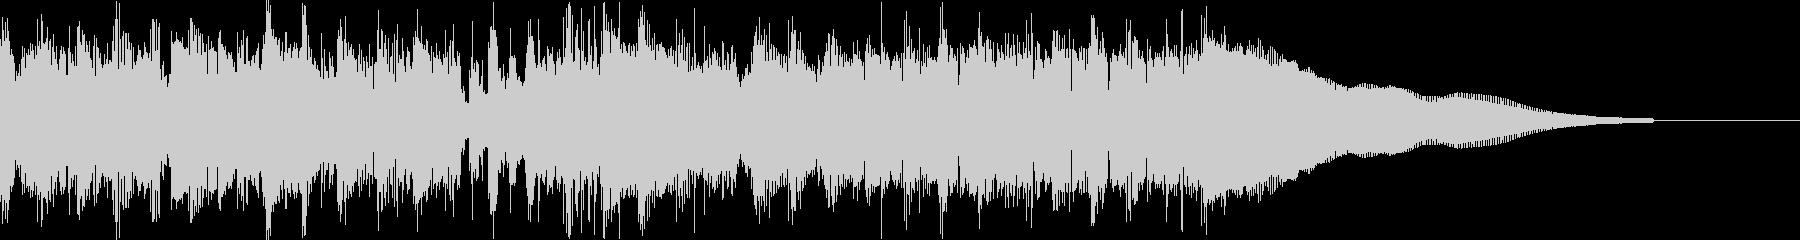 カントリー風ギターイントロ−07Fの未再生の波形